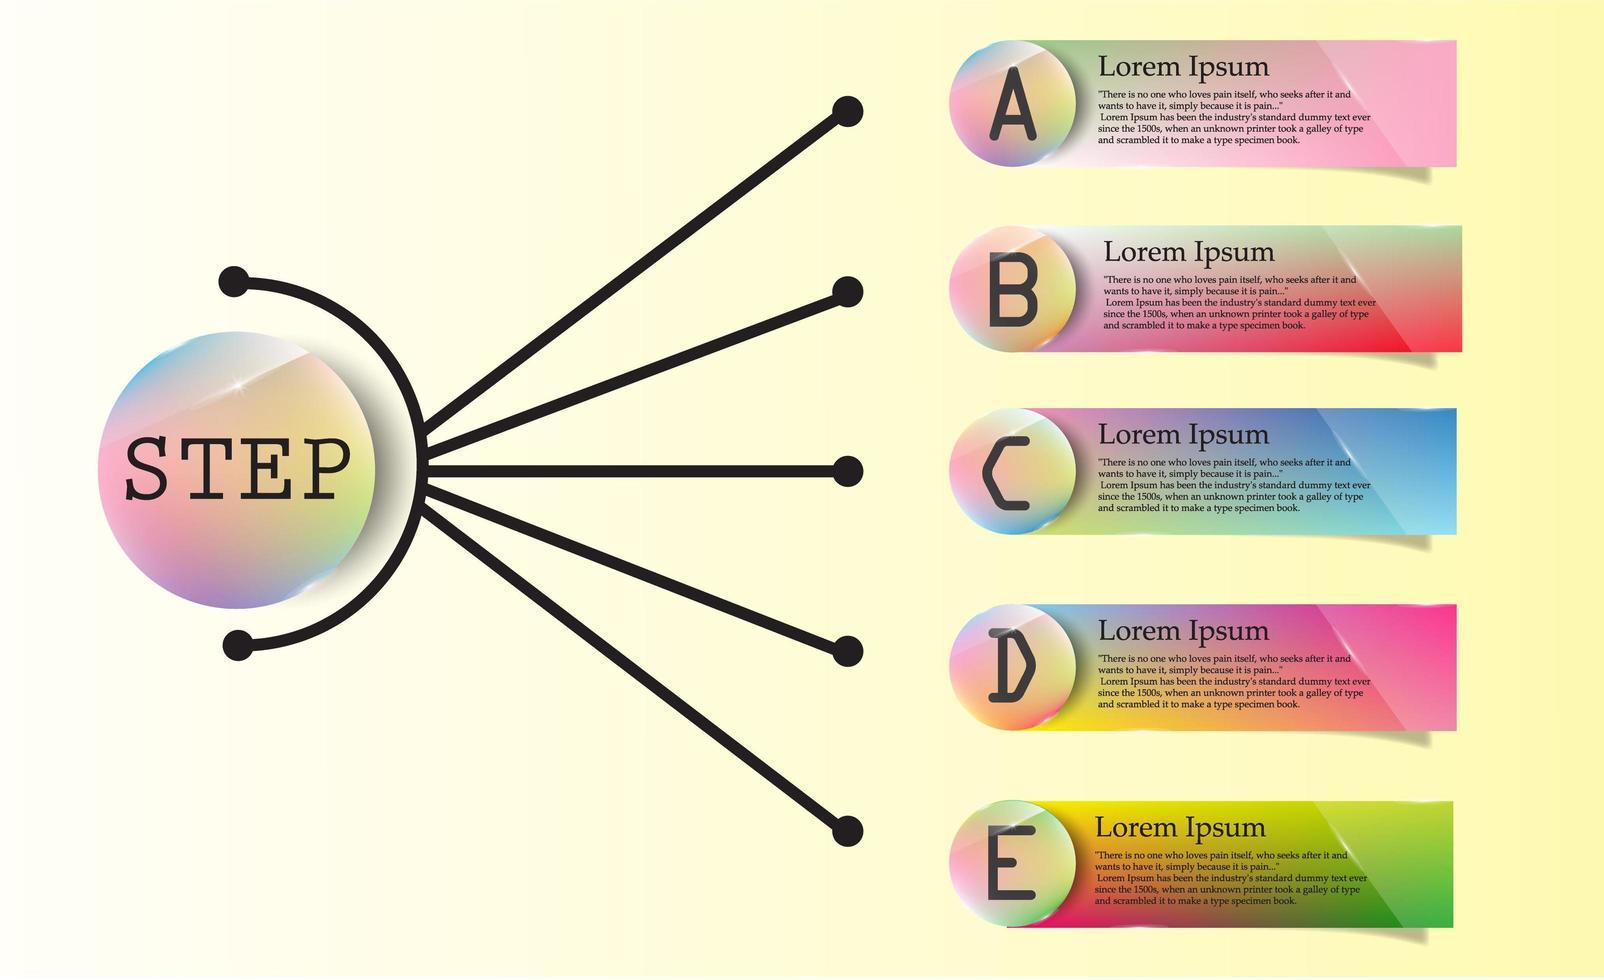 bunt glänzendes ae Etikett und Kreis Infografik vektor